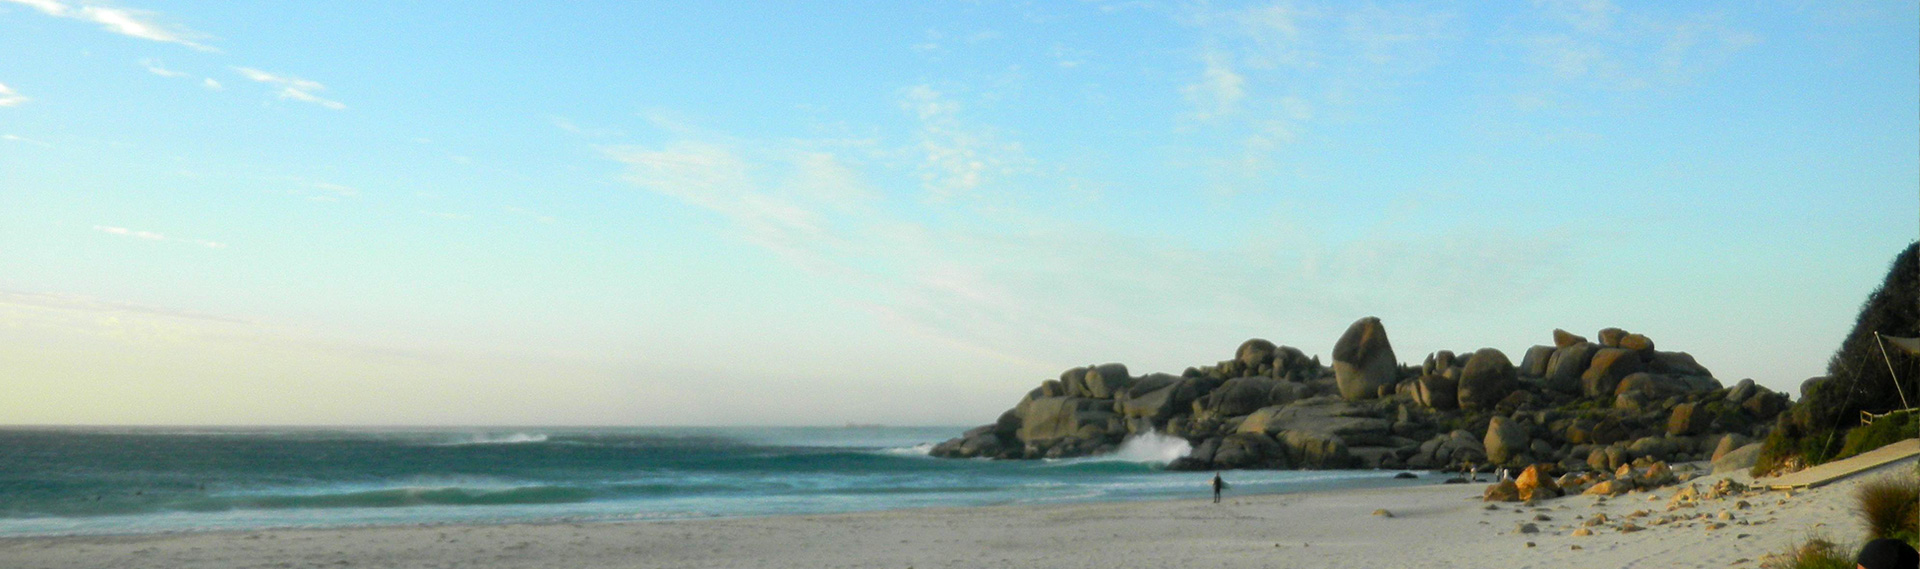 Capetown beaches